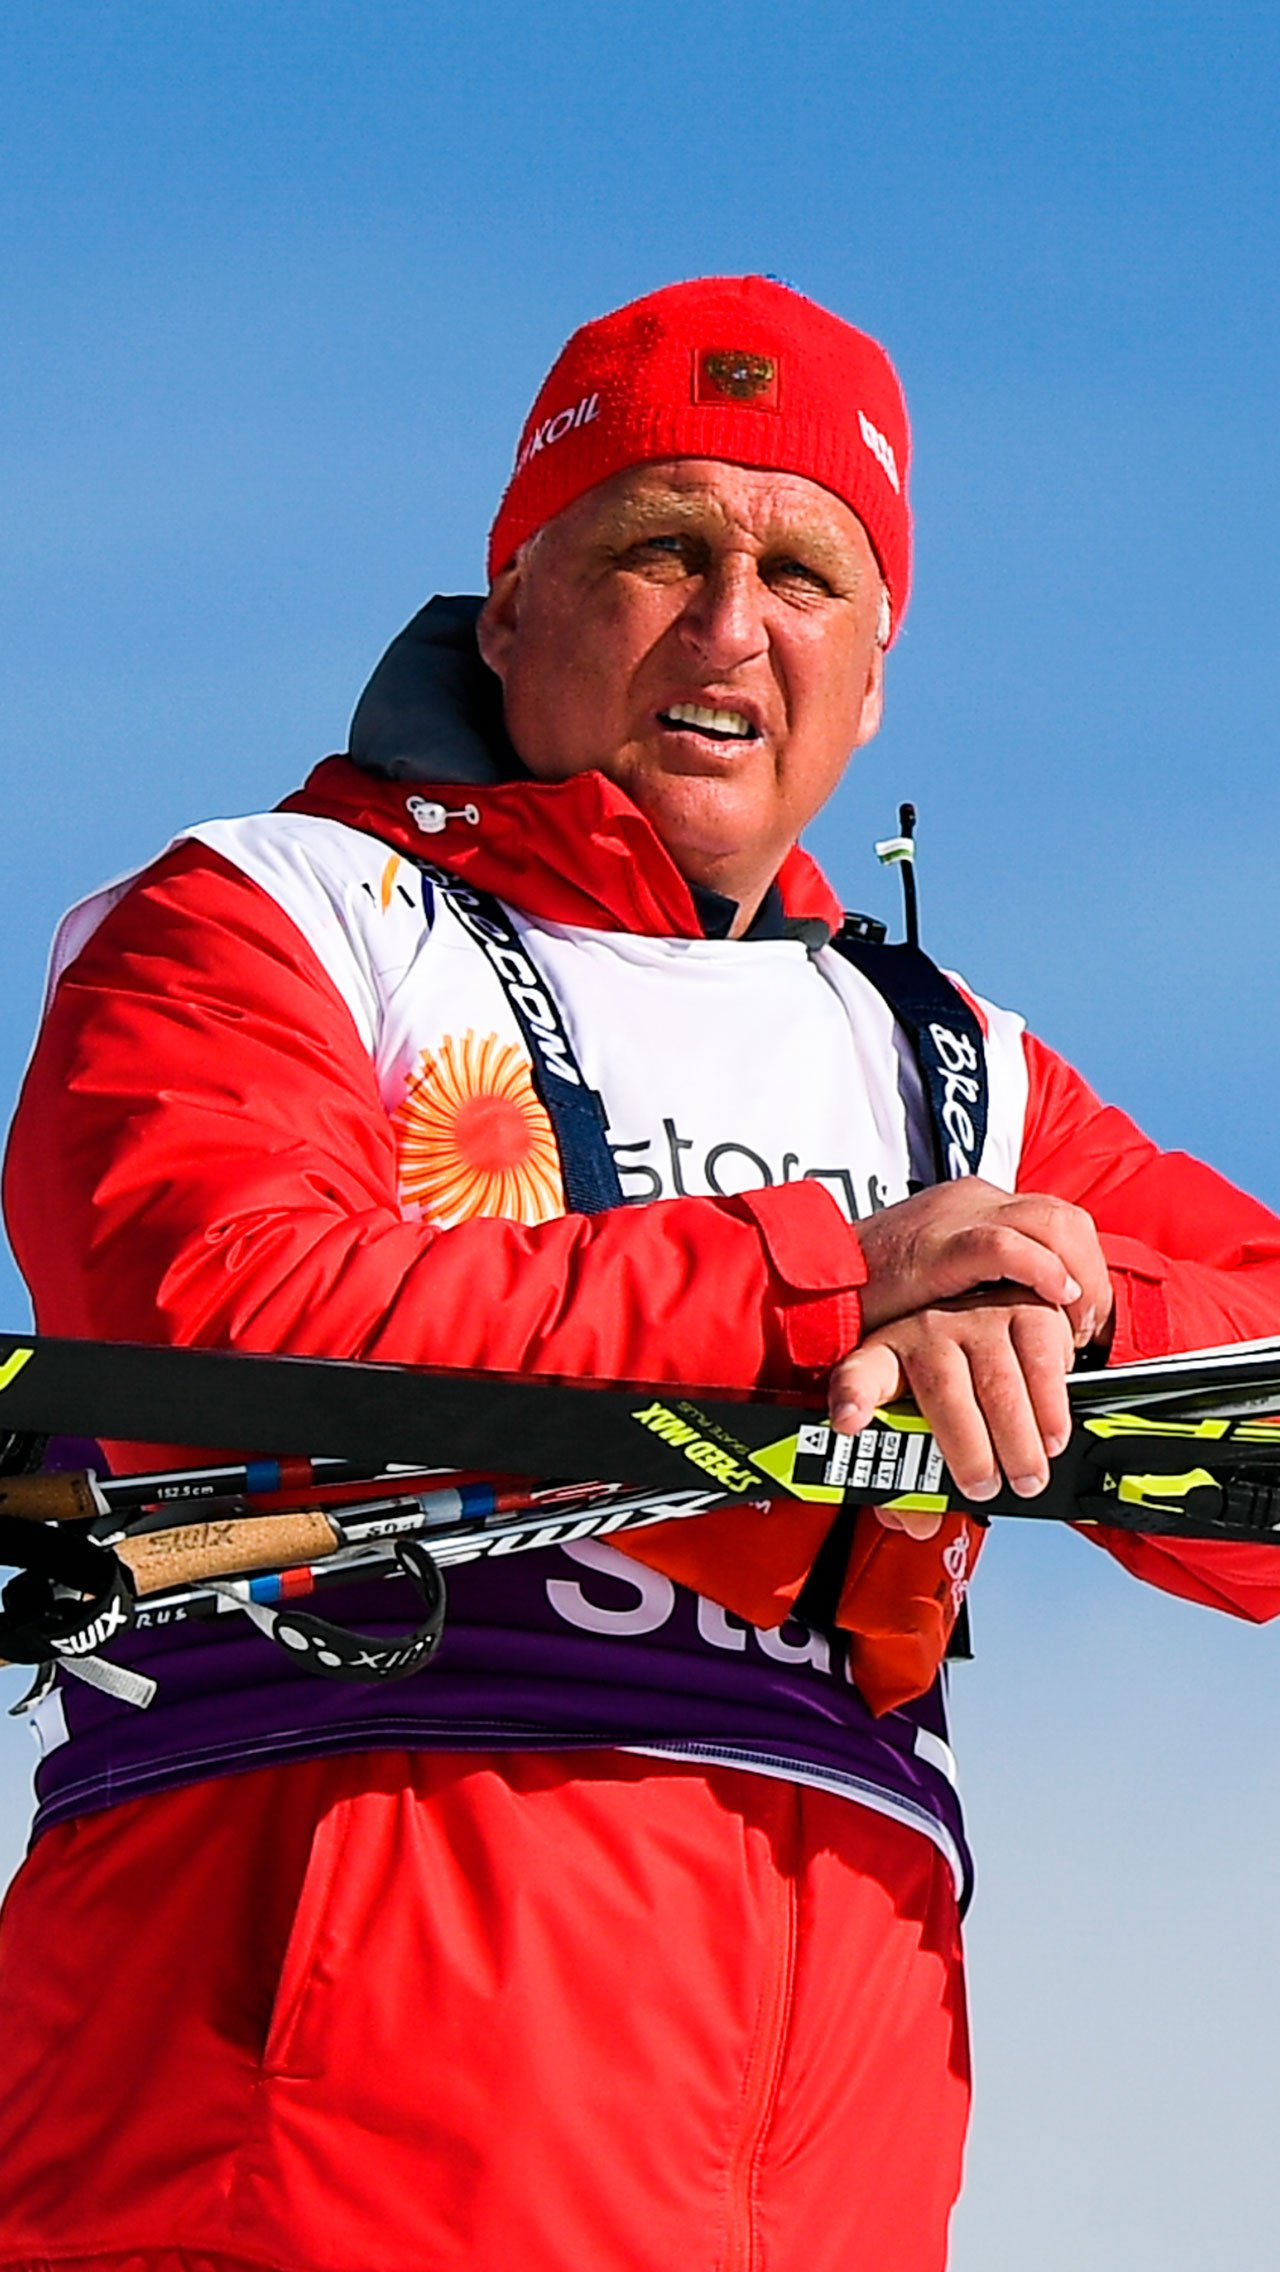 Четыре группы сборной России по лыжным гонкам начали подготовку к новому сезону. В каждой из групп произошли изменения.